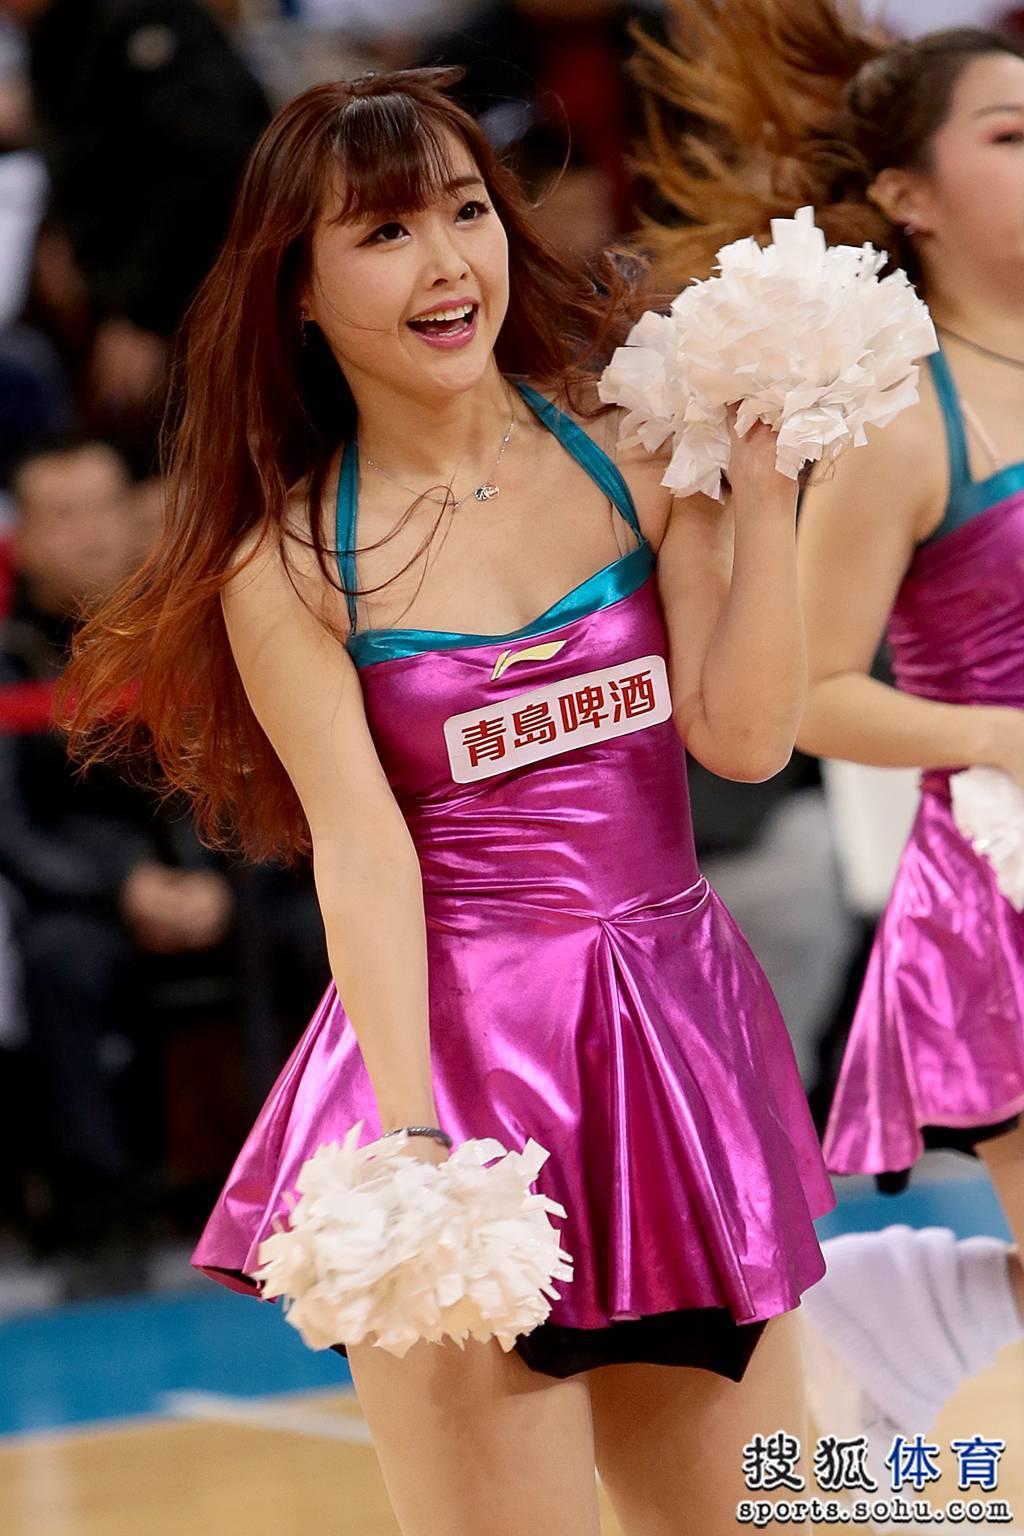 巅峰啦啦队助阵京城德比 现场激情热舞